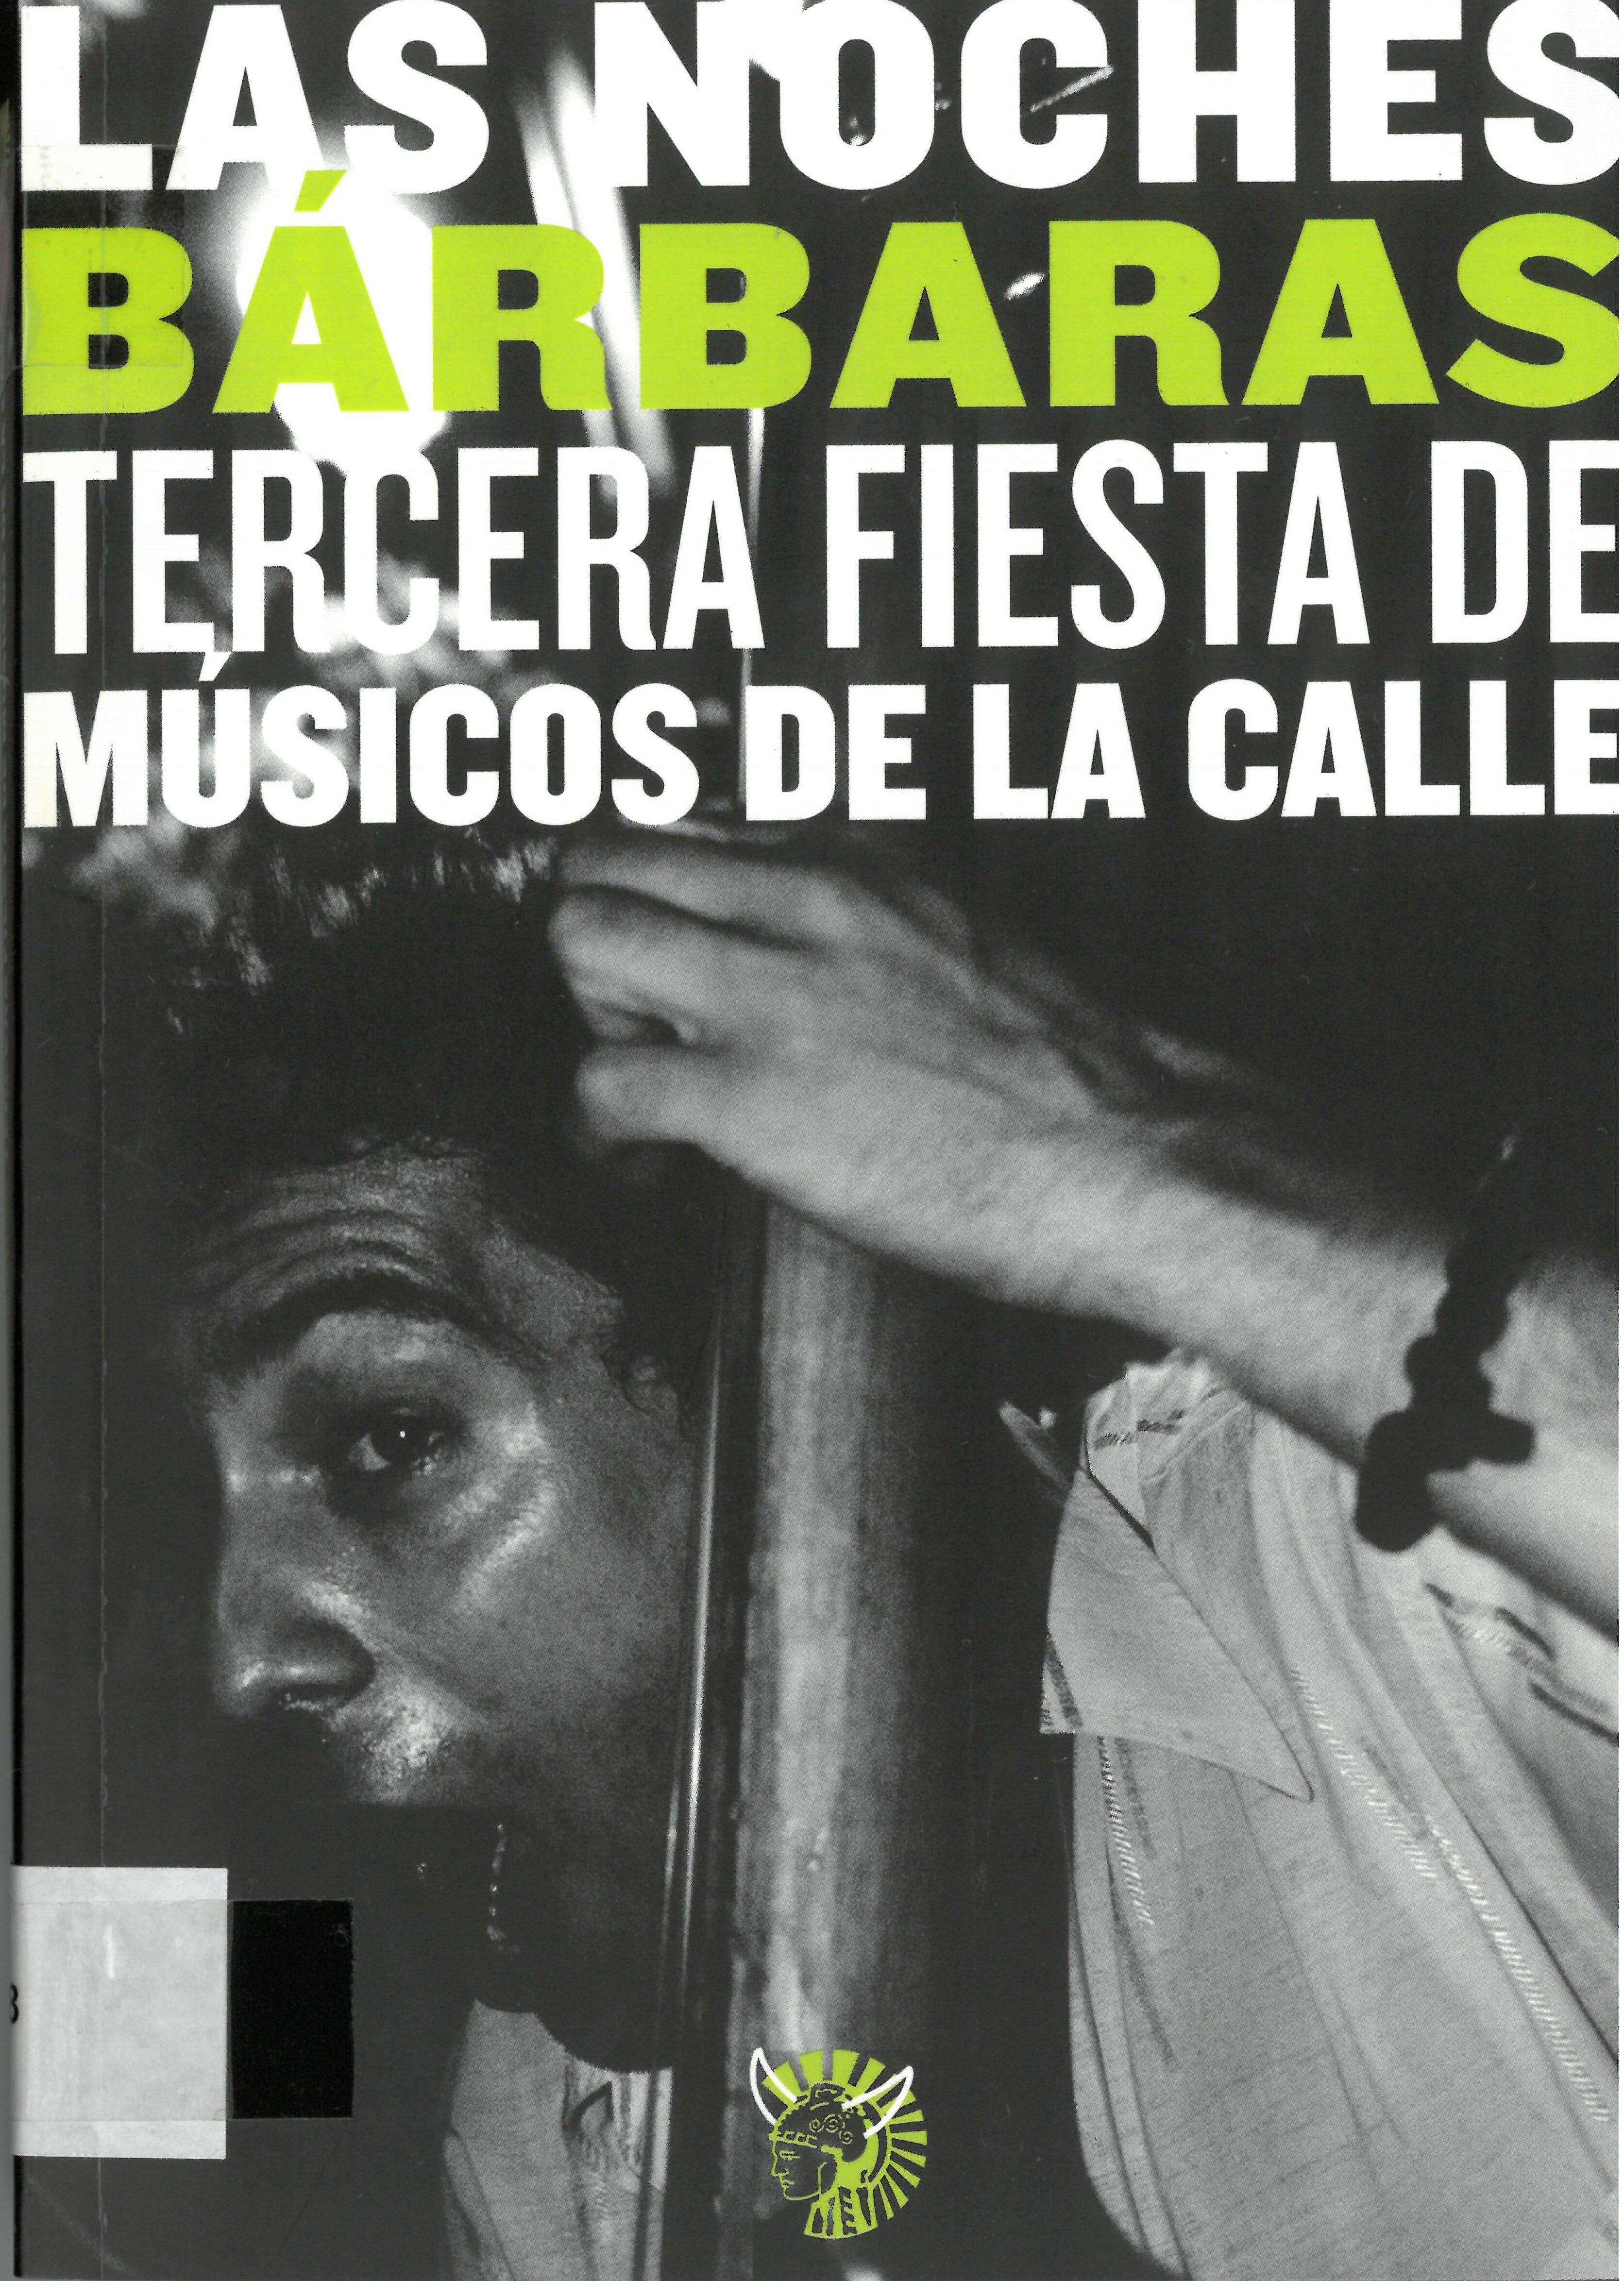 Las Noches Barbaras: Tercera Fiesta De Musicos De La Calle - Vv.aa.